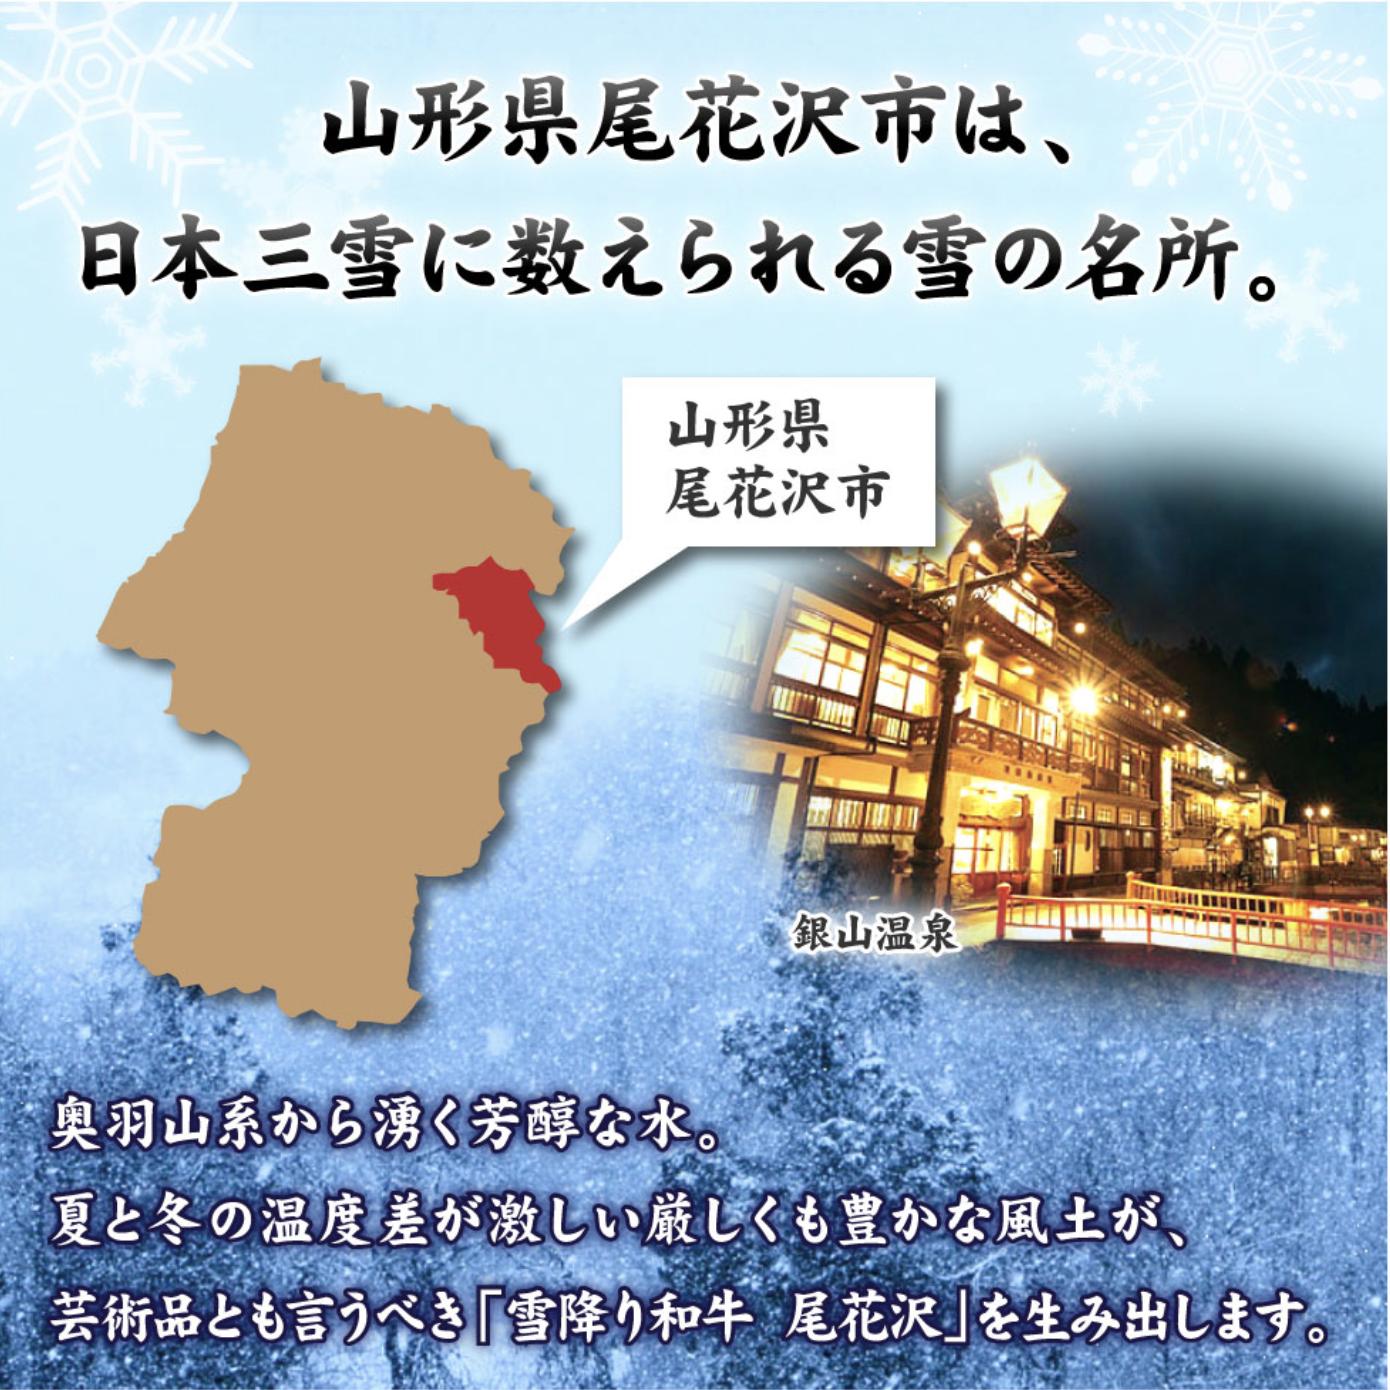 【雪降り和牛】すき焼き用サーロイン 4人前800g